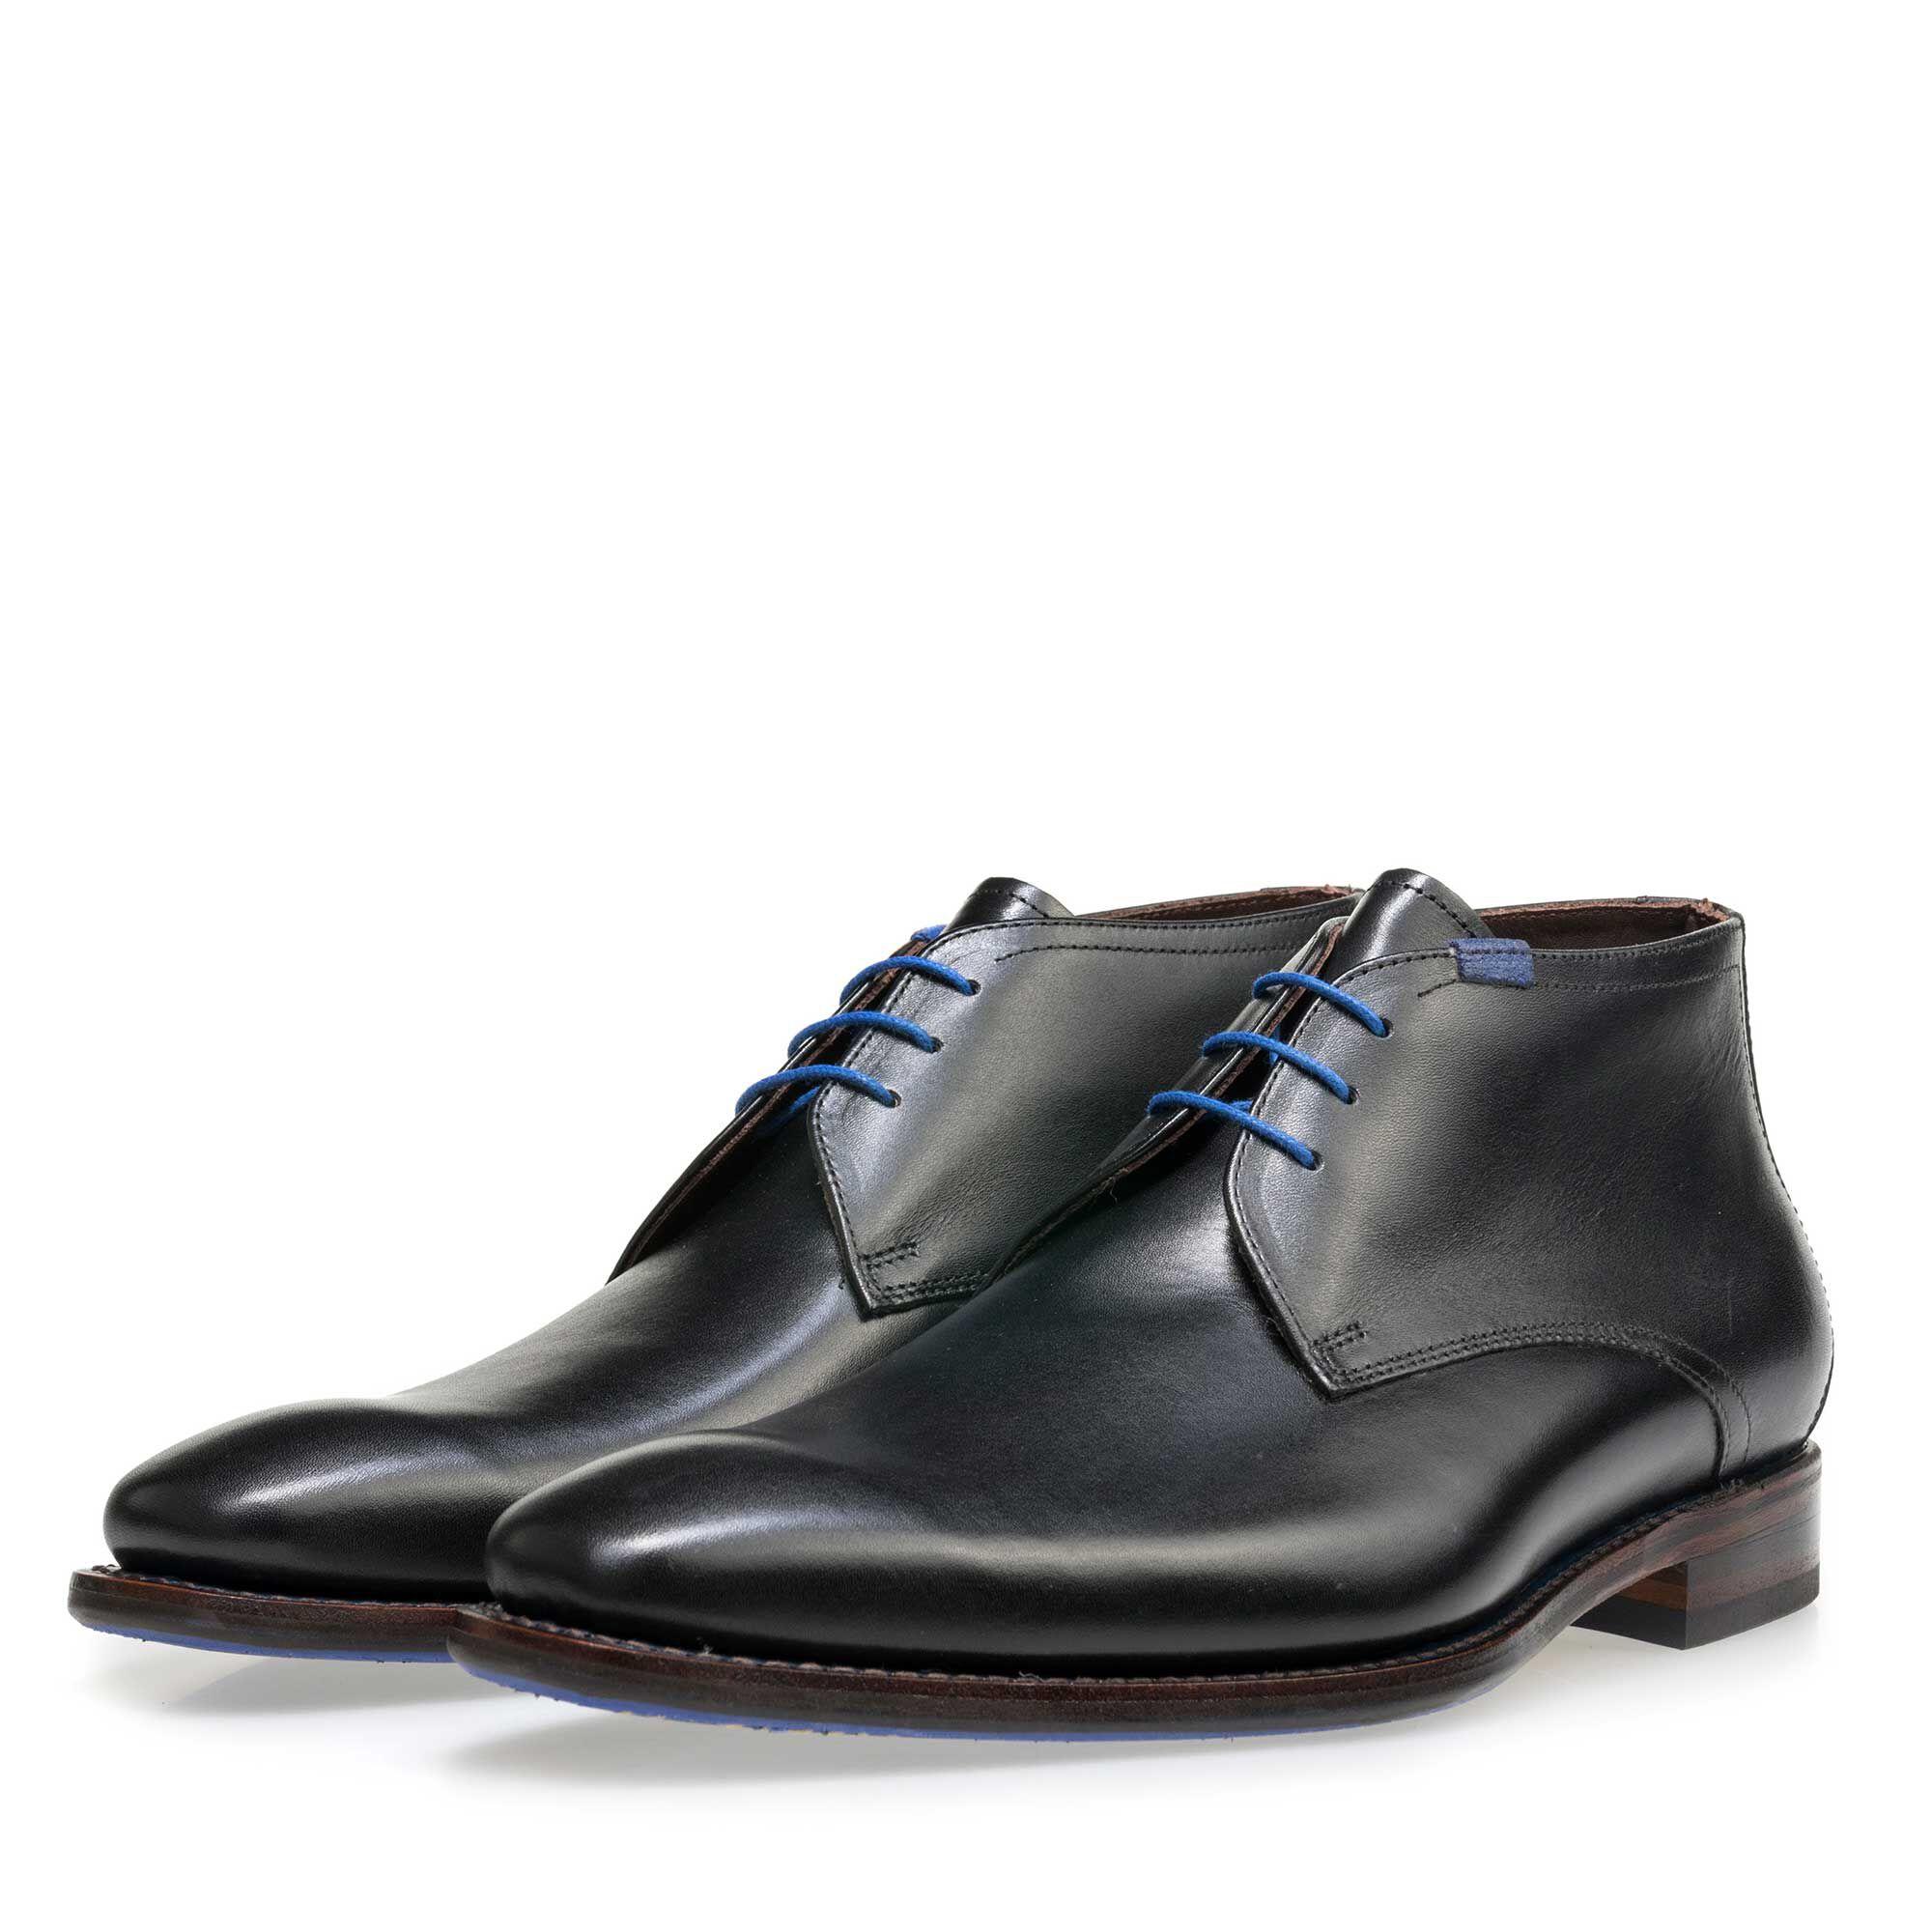 Bureau Chaussures Noires Floris Van Bommel Taille Bureau Compte 38 Hommes ICfw0JrsJh